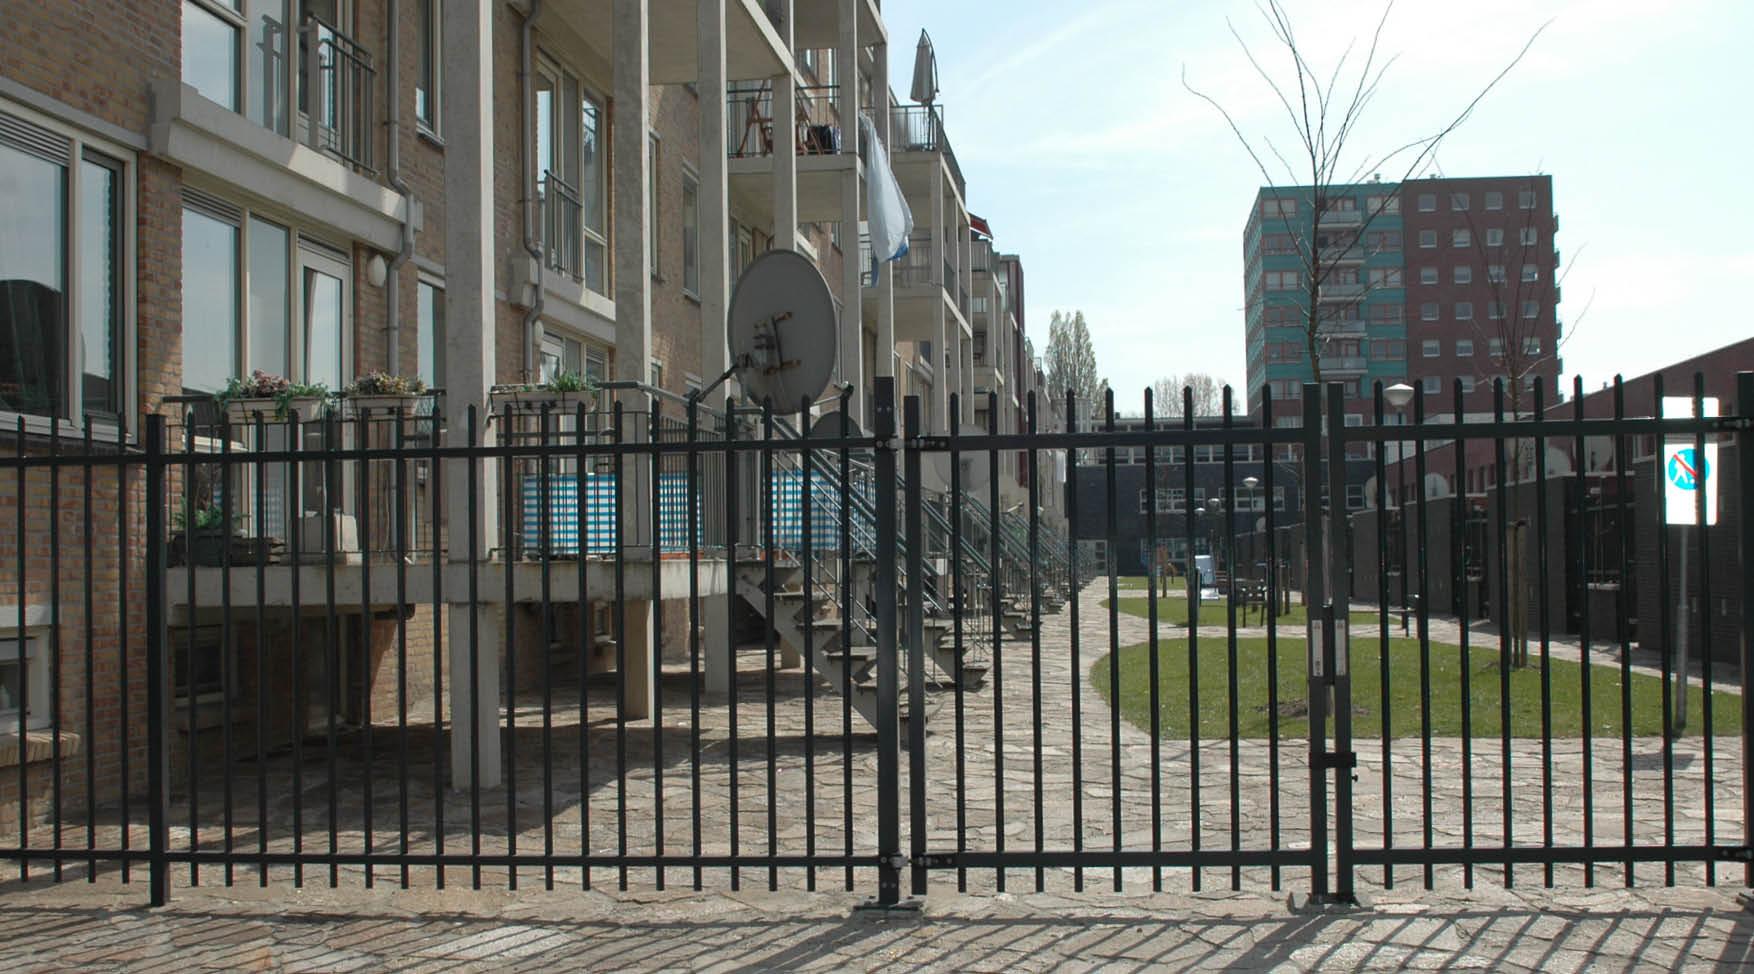 Transformatie van woonwijken met behoud van de stedenbouwkundige identiteit